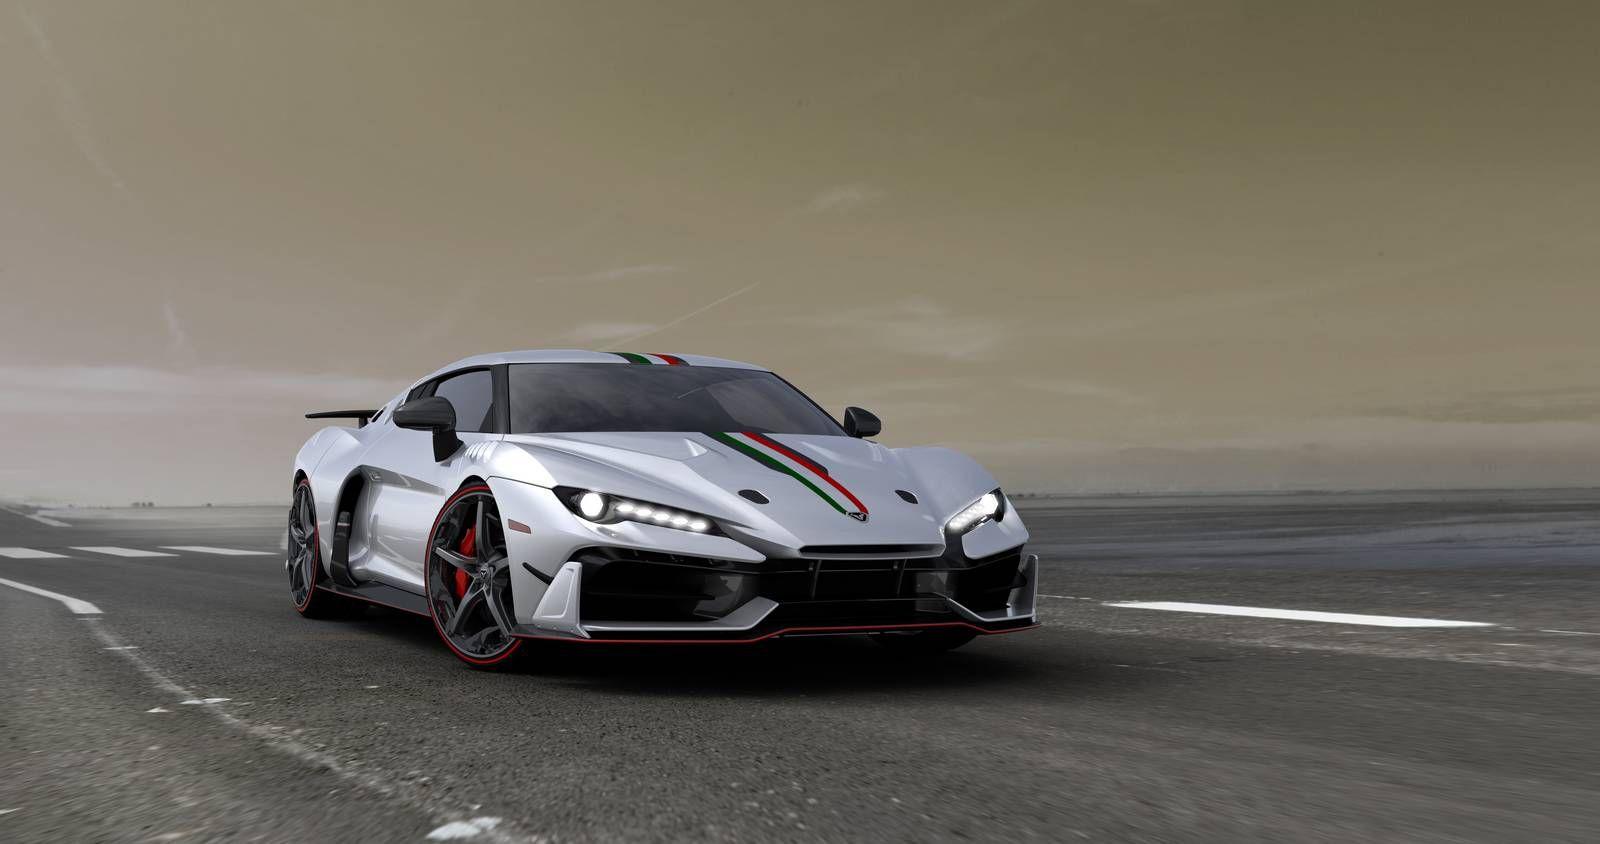 Official: Italdesign Automobili Speciali - GTspirit